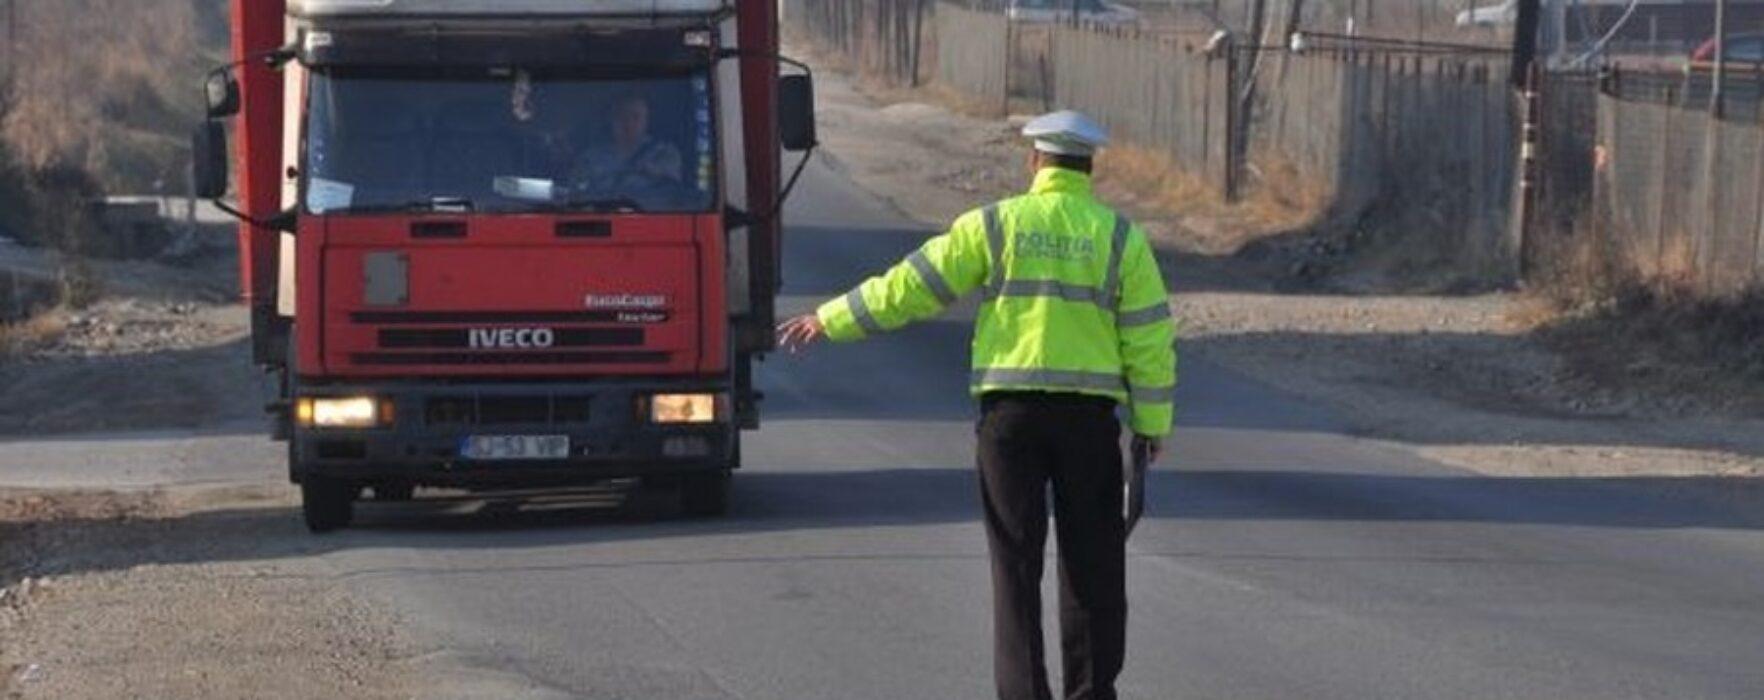 Razie a Poliţiei Târgovişte; 11 tone de legume-fructe confiscate